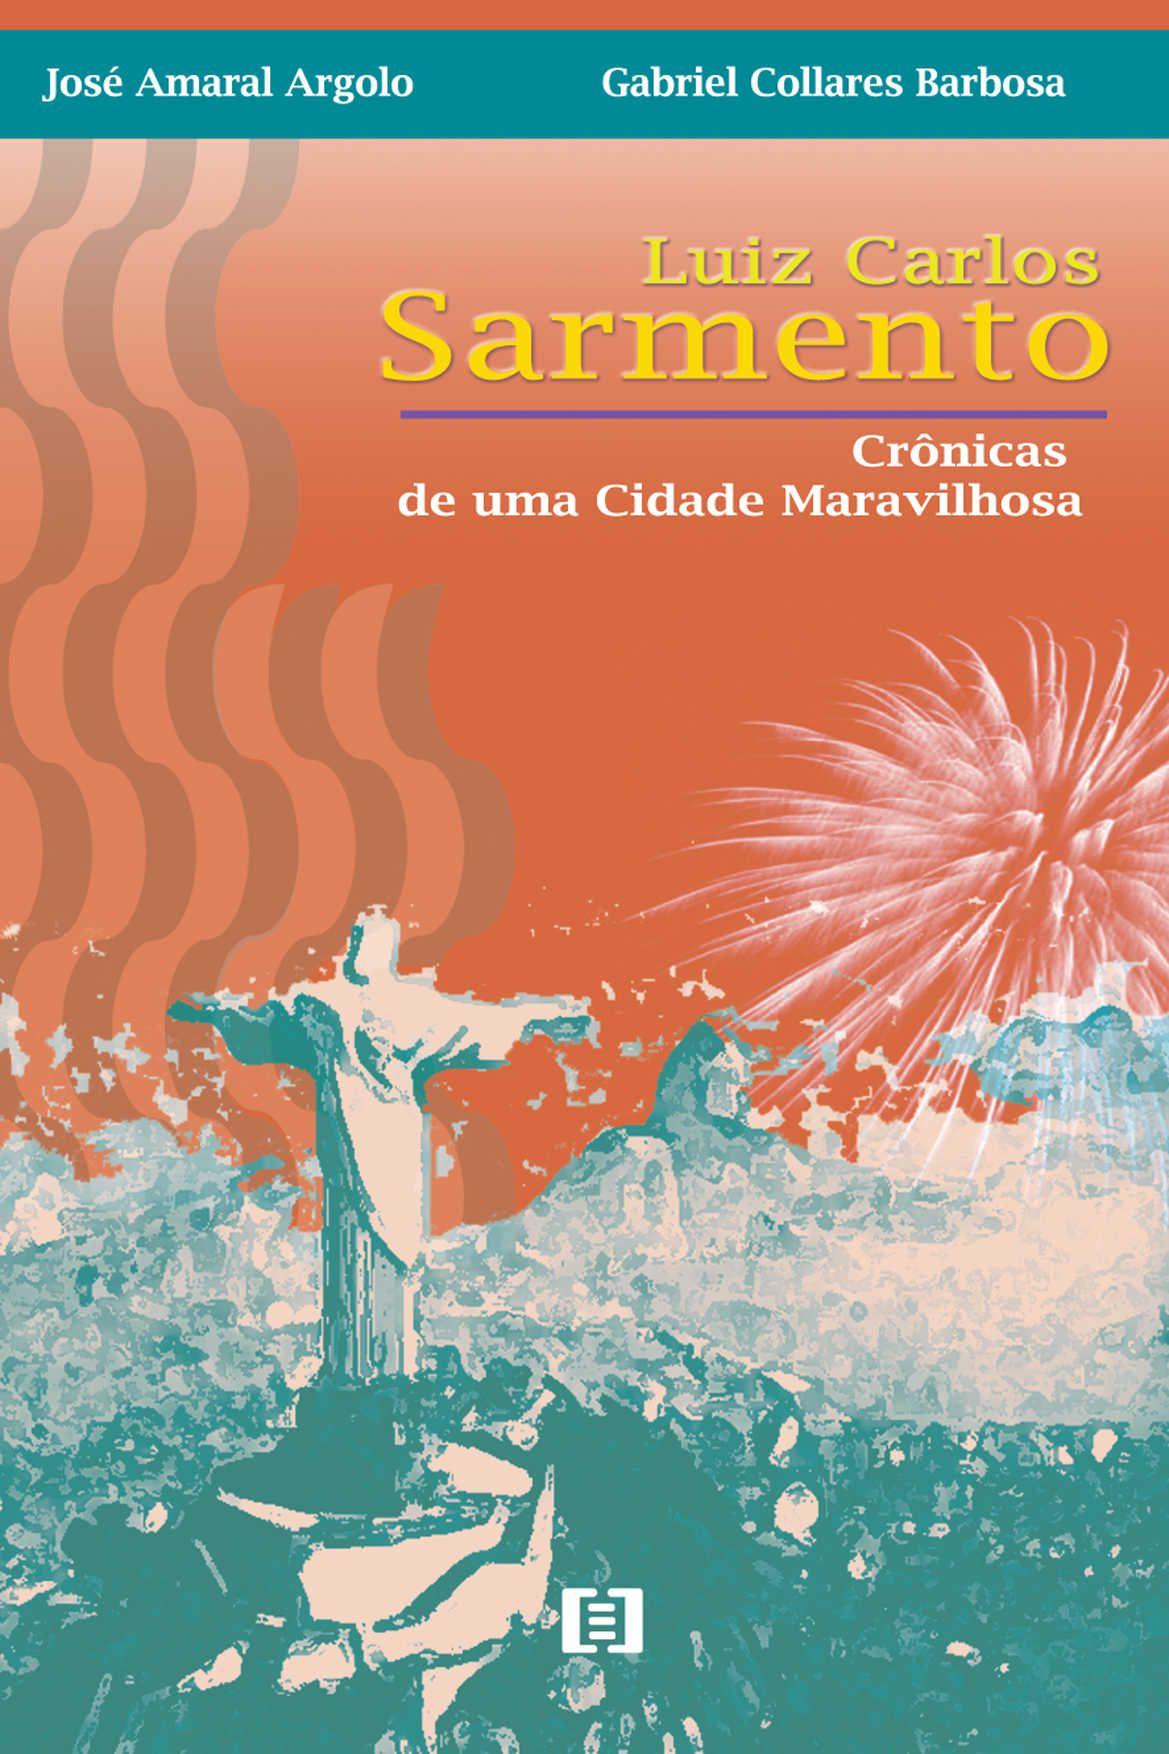 Luiz Carlos Sarmento: Crônicas de uma Cidade Maravilhosa